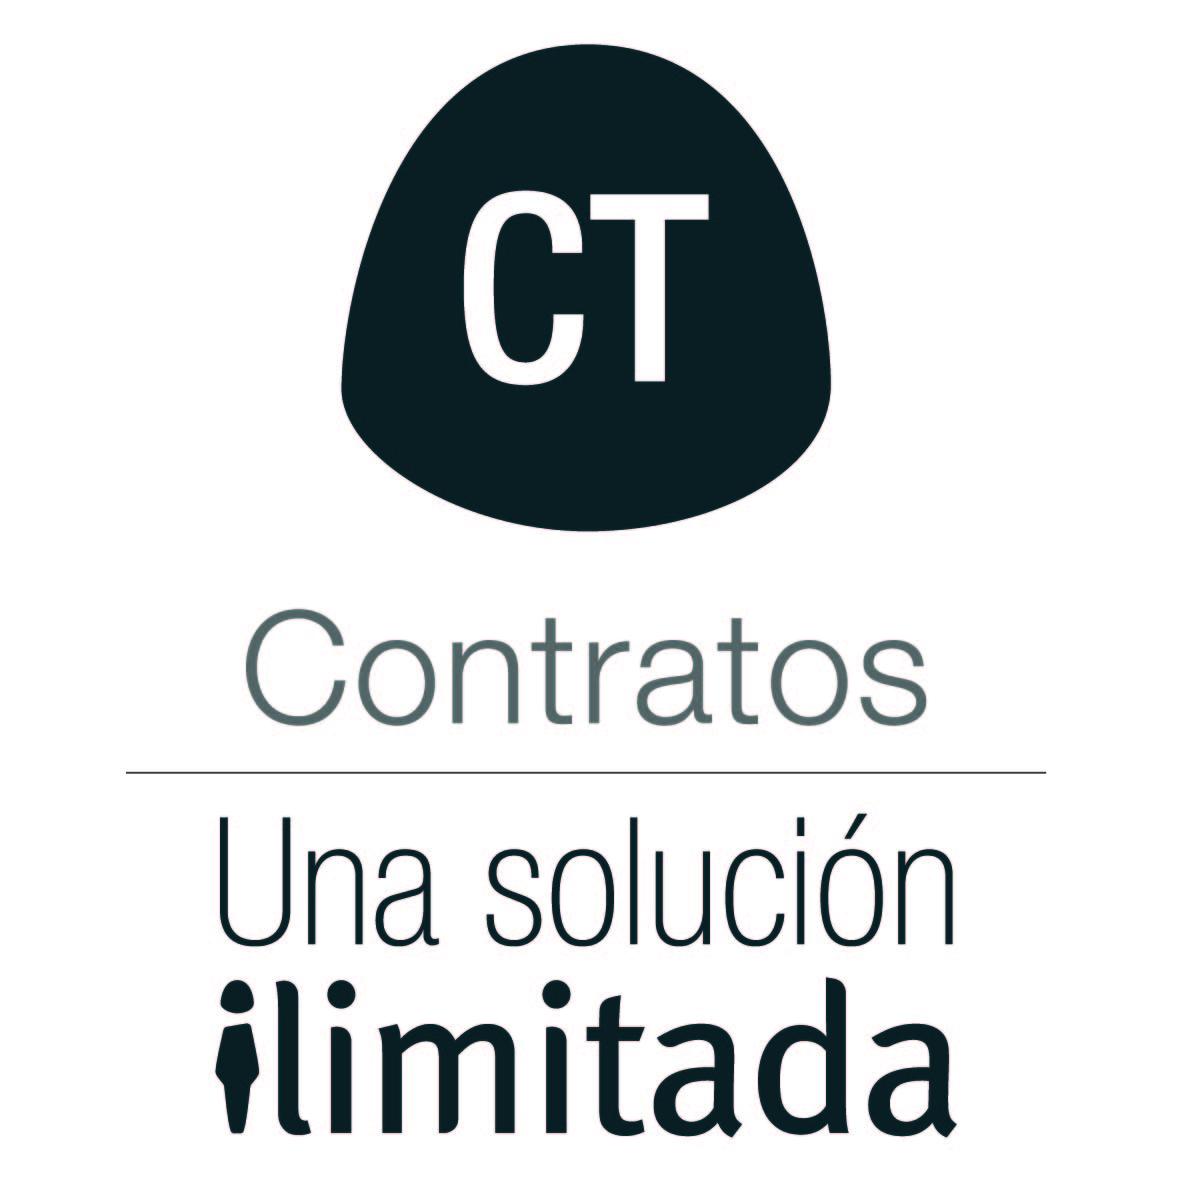 SOFTWARE CONTRATOS CENTROS COMERCIALES INMOBILIARIAS - COLOMBIA